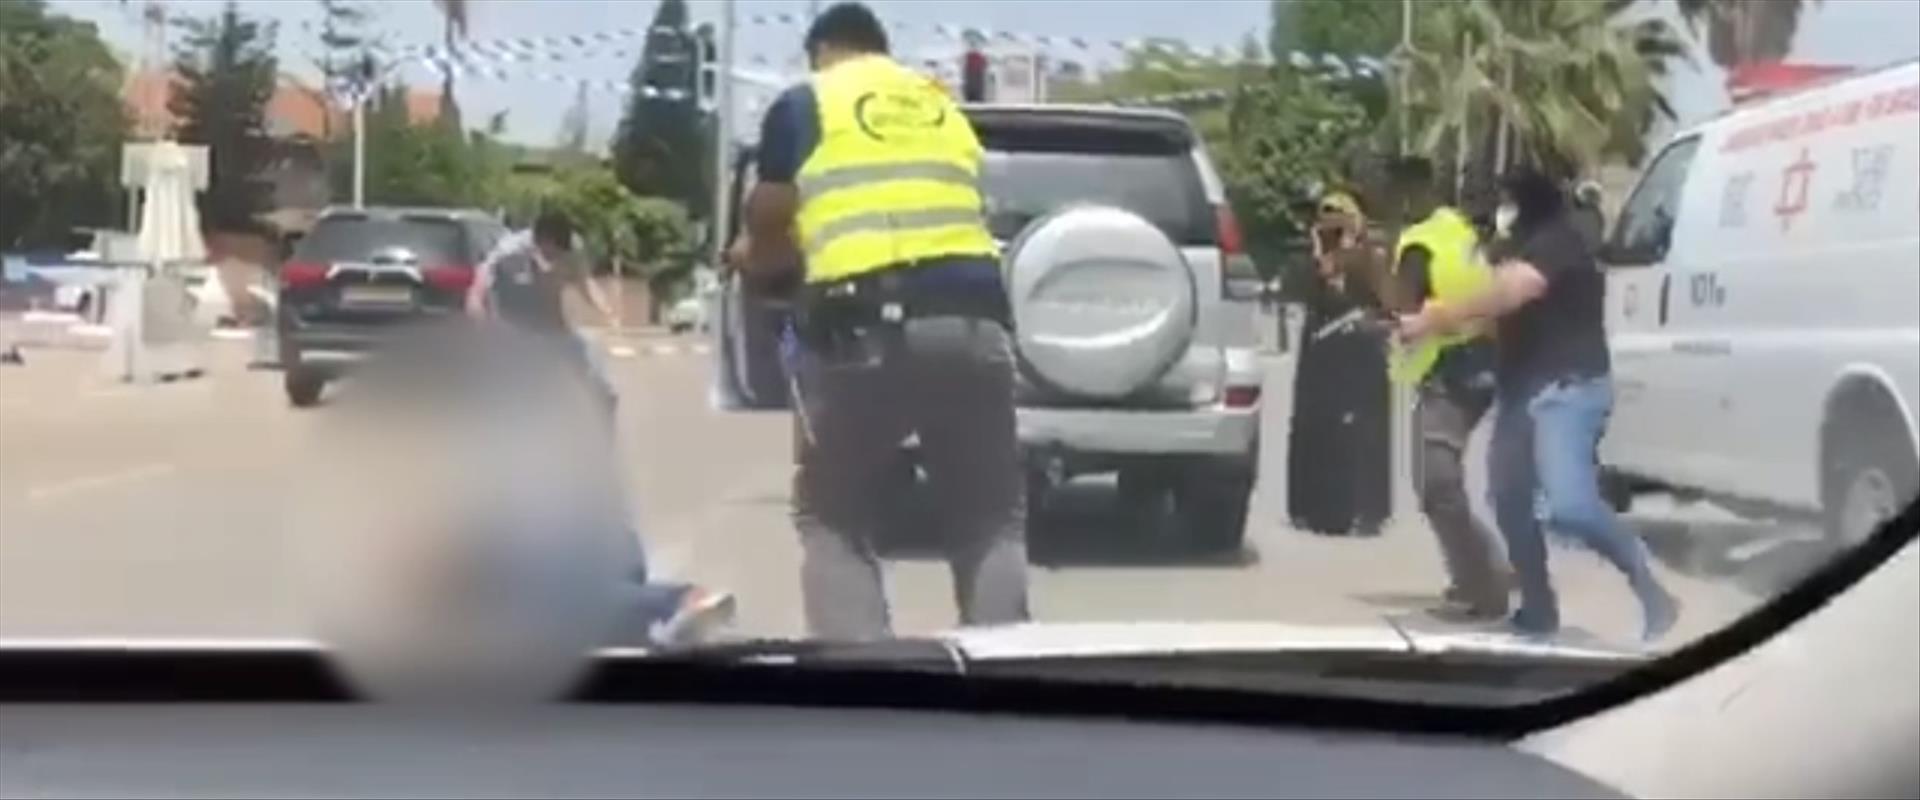 מתוך תיעוד הירי